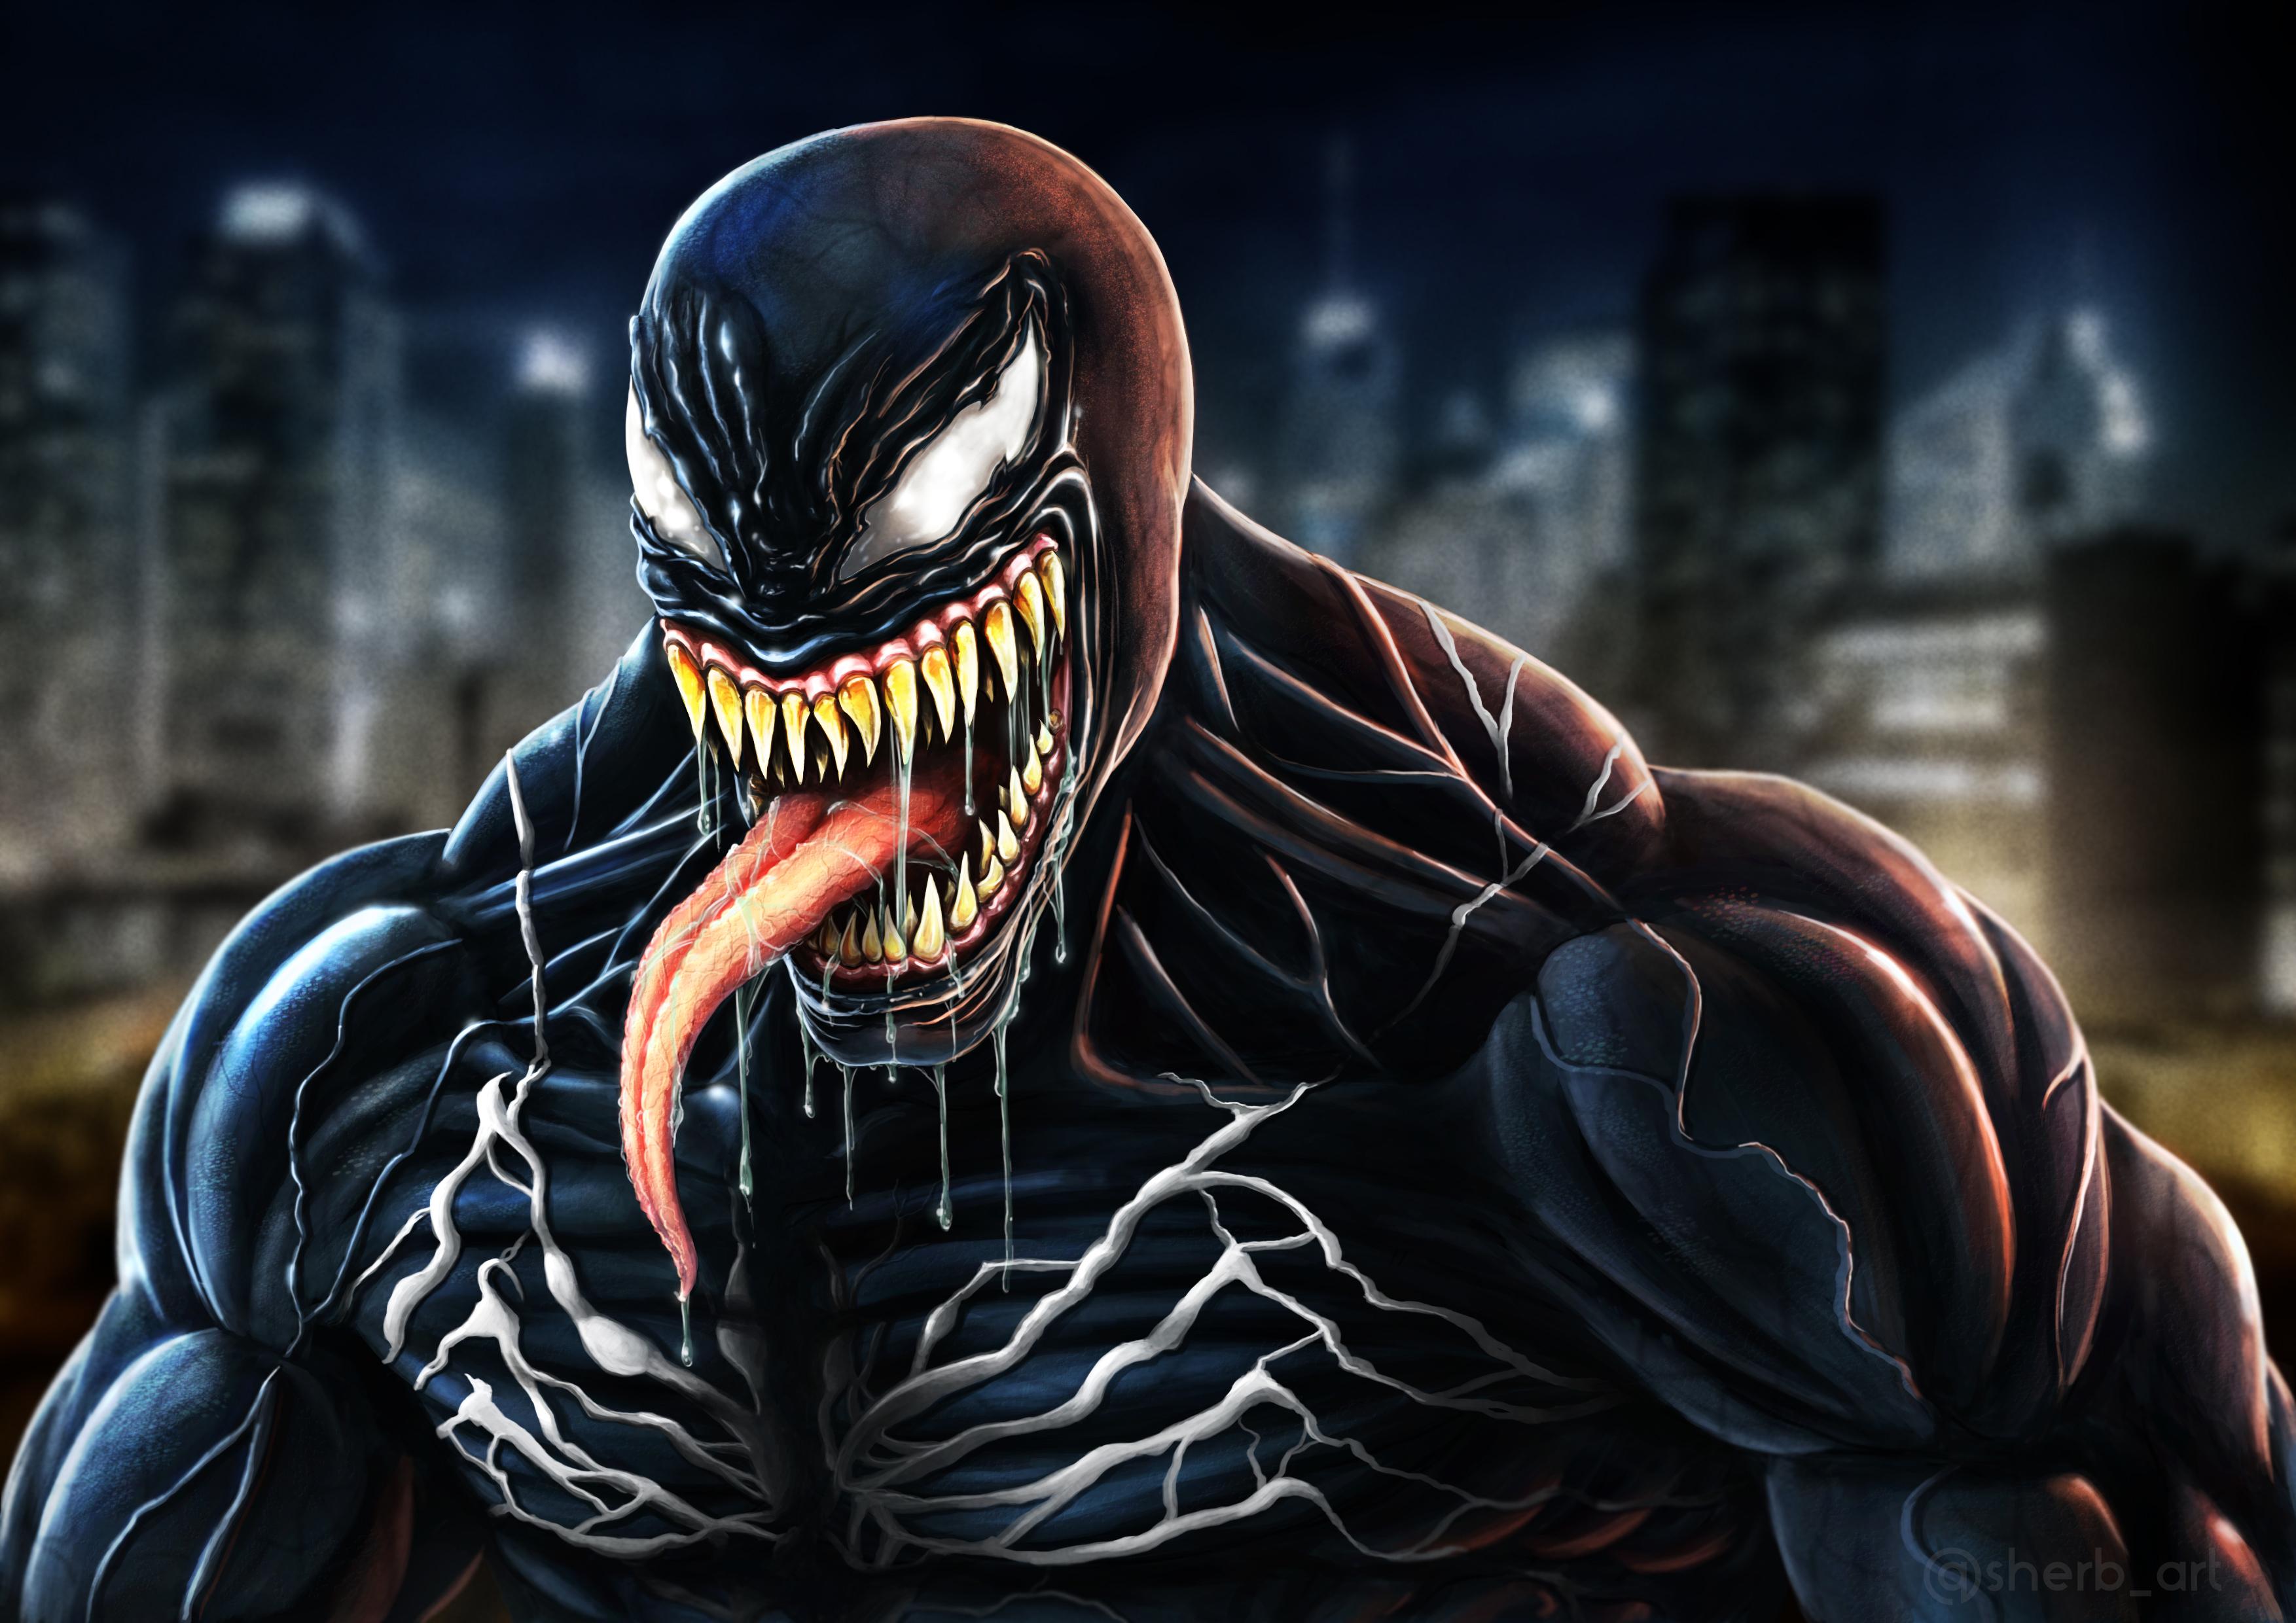 1920x1080 Venom Movie Fan Made Art Laptop Full HD 1080P HD ...